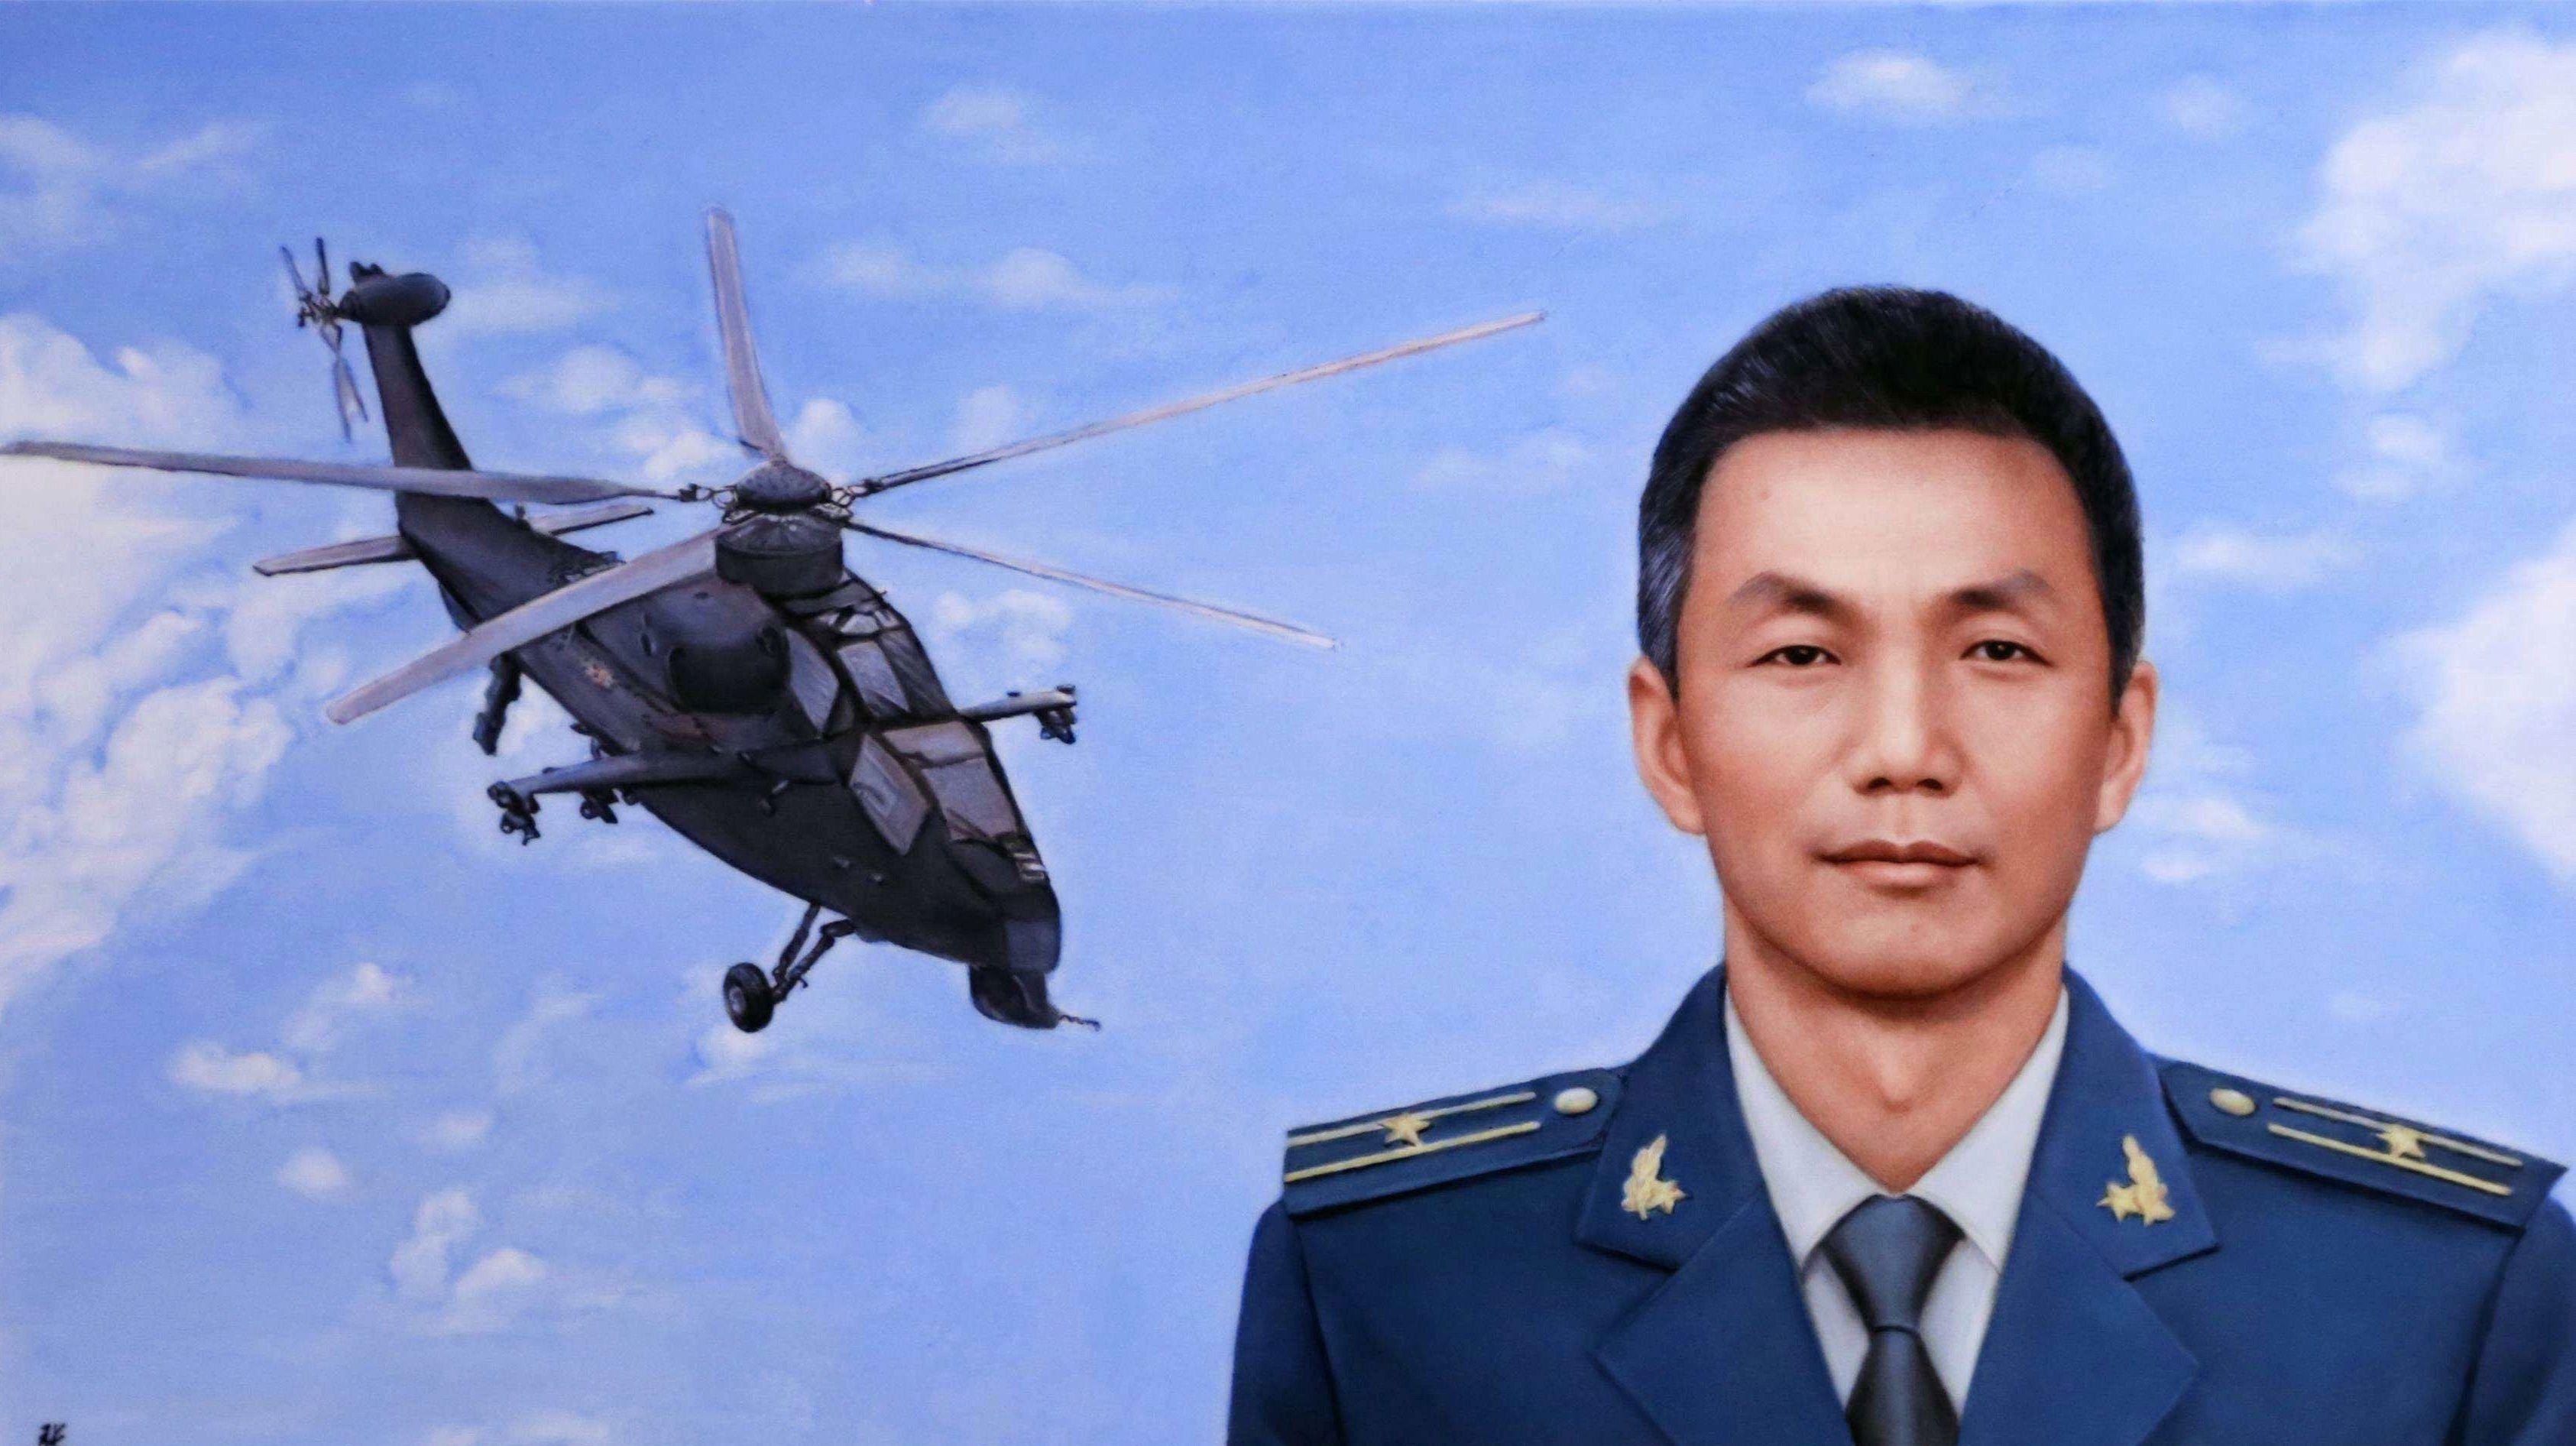 飞行烈士张浩在训练中不幸坠机牺牲,牺牲41天儿子才出生!